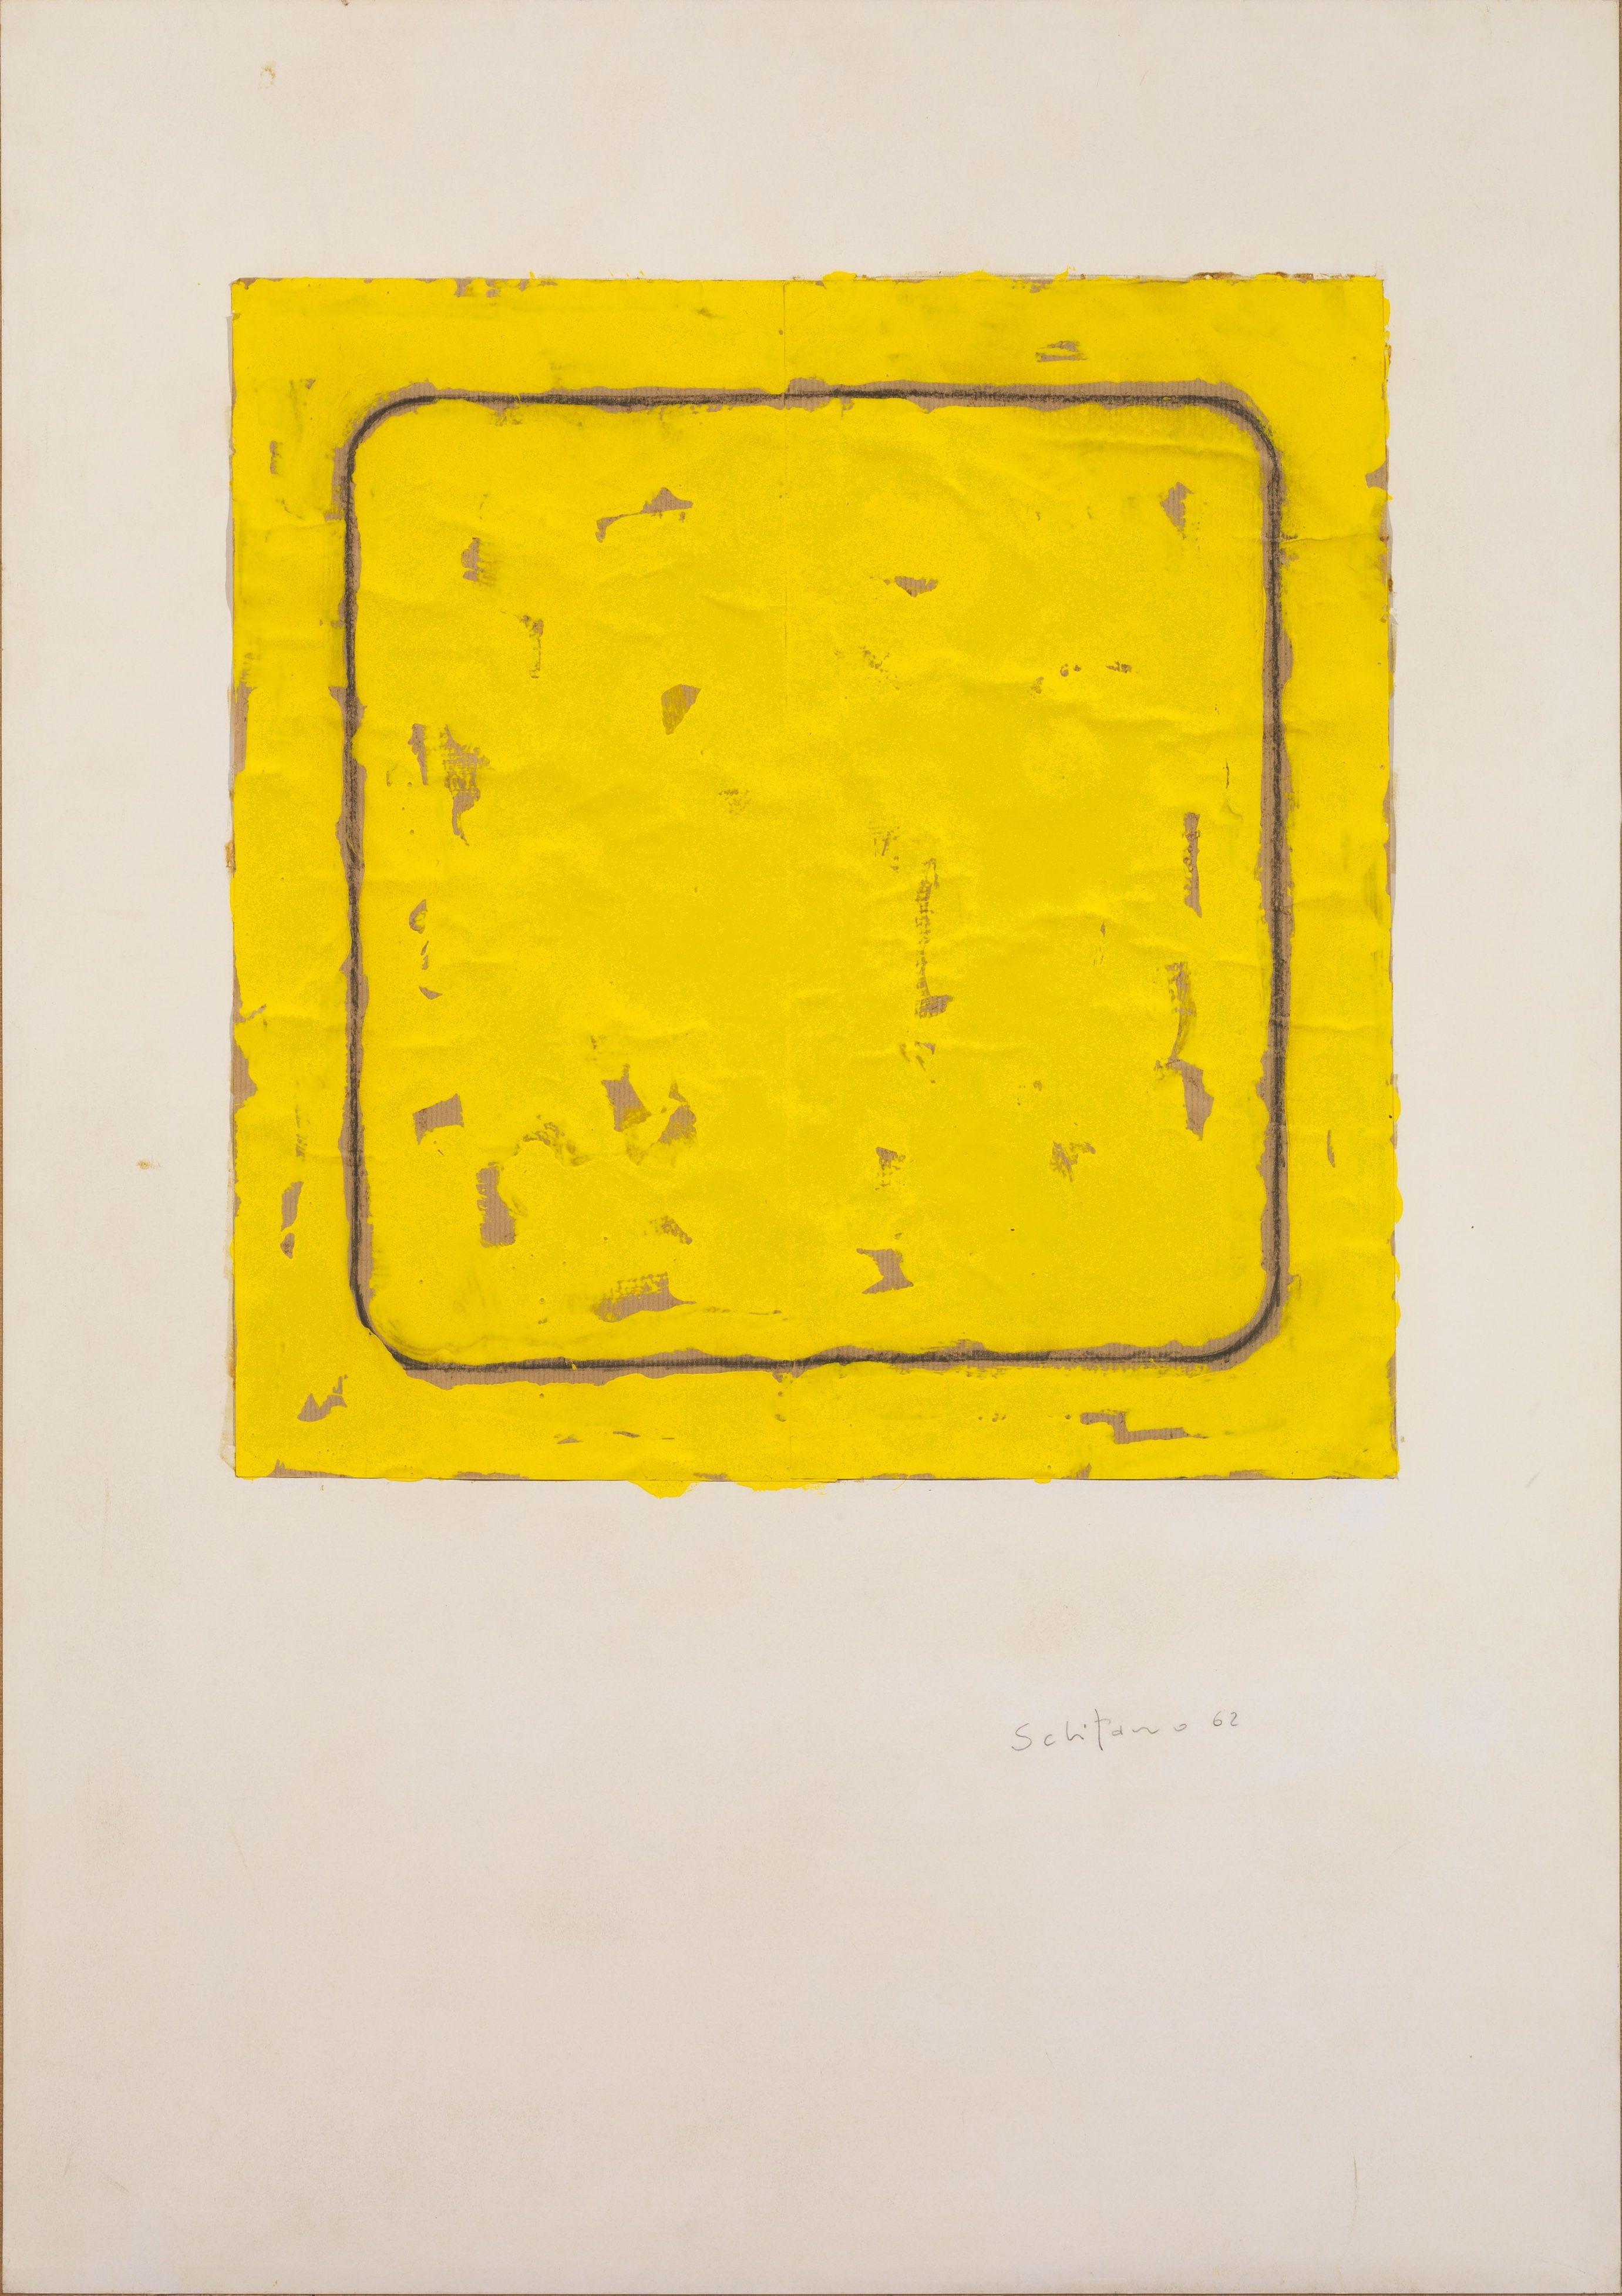 Mario Schifano, Senza titolo,1975  Tornabuoni Art - La Dolce Vita Courtesy Tornabuoni Art